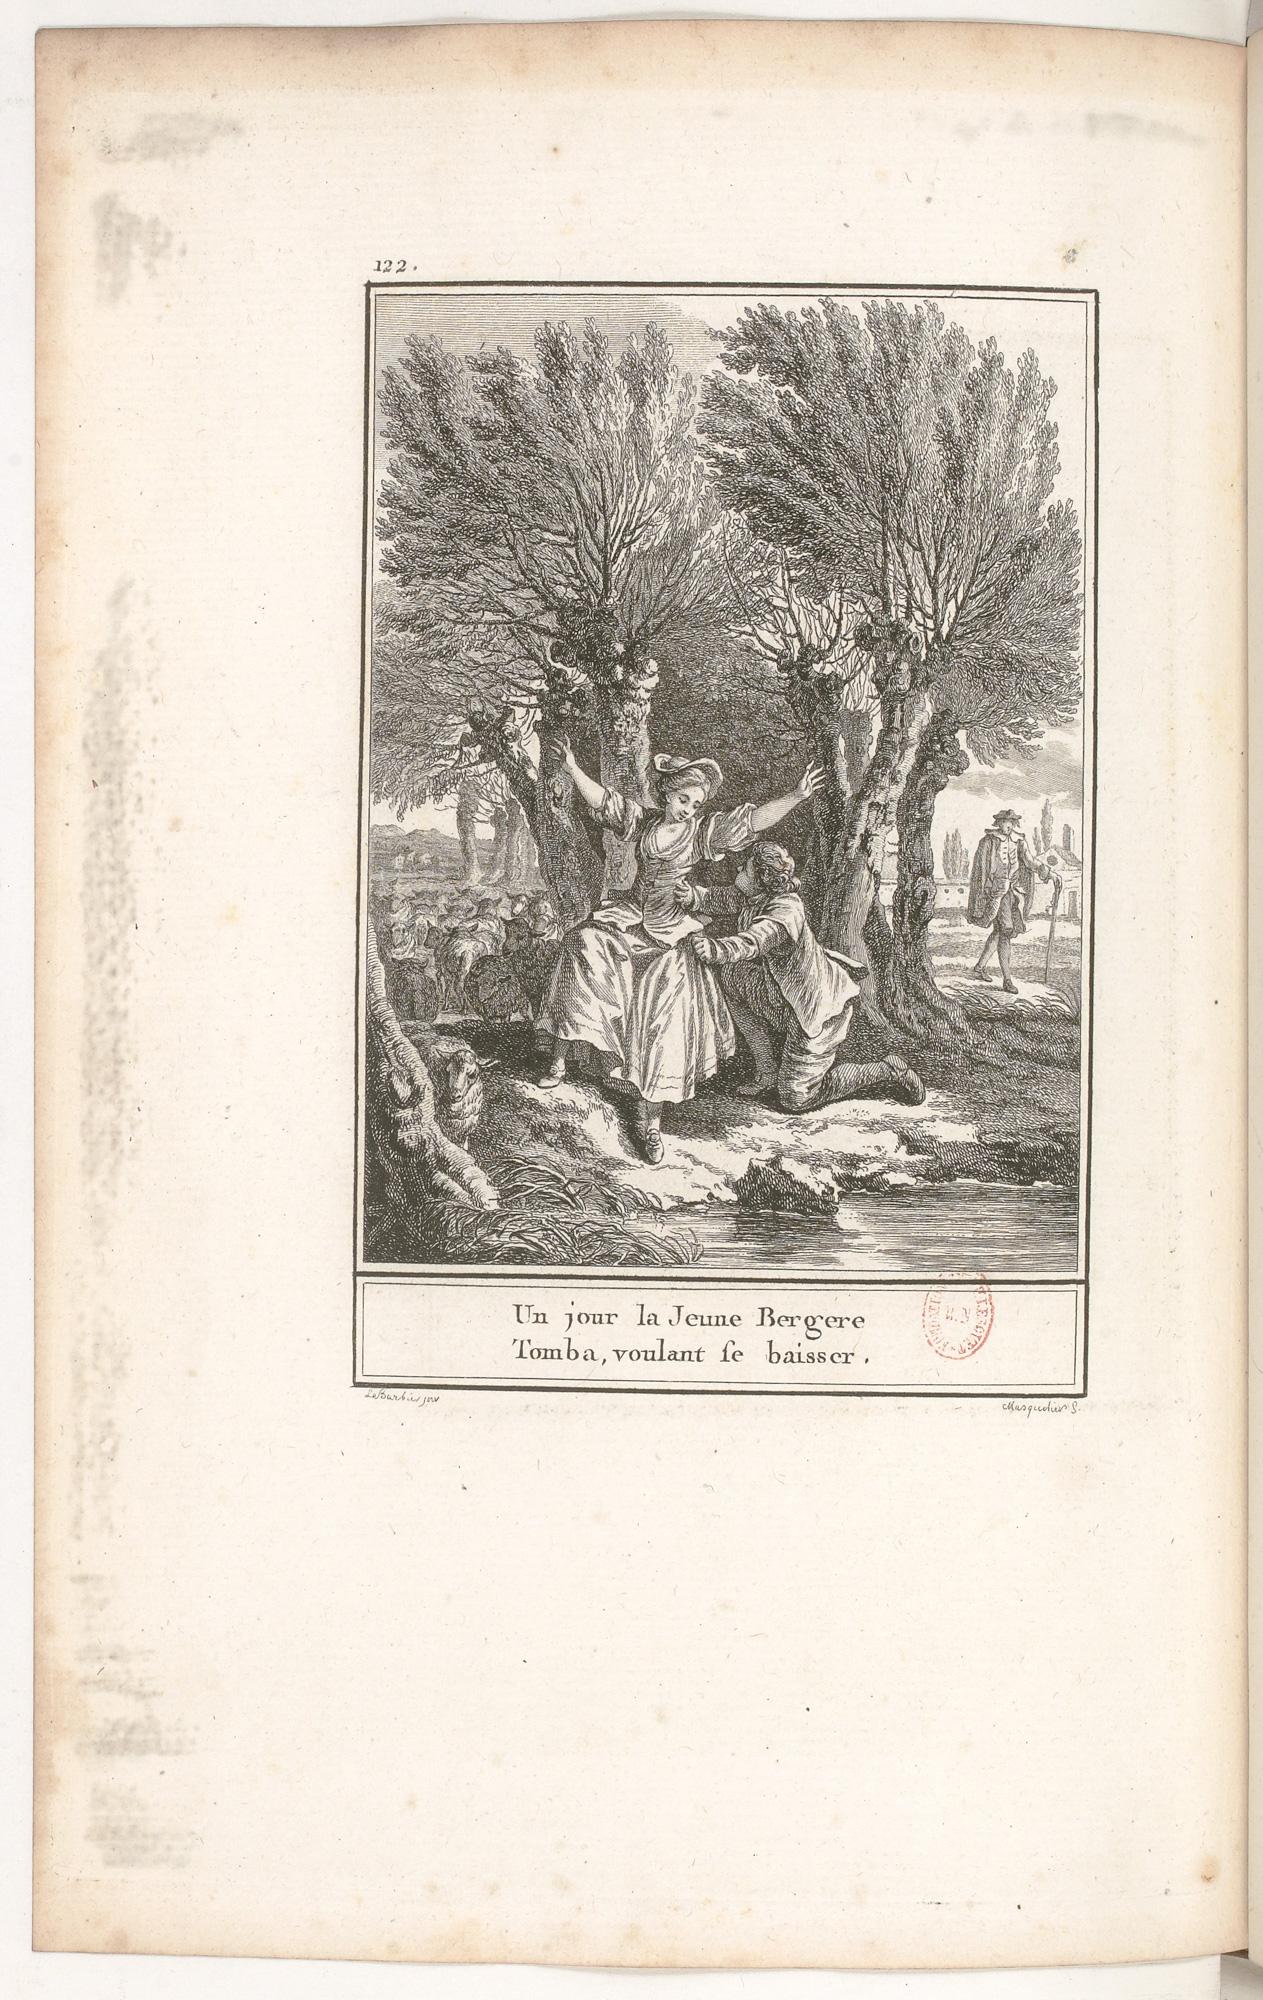 S.4.21 Le danger de tomber, 1772, Image